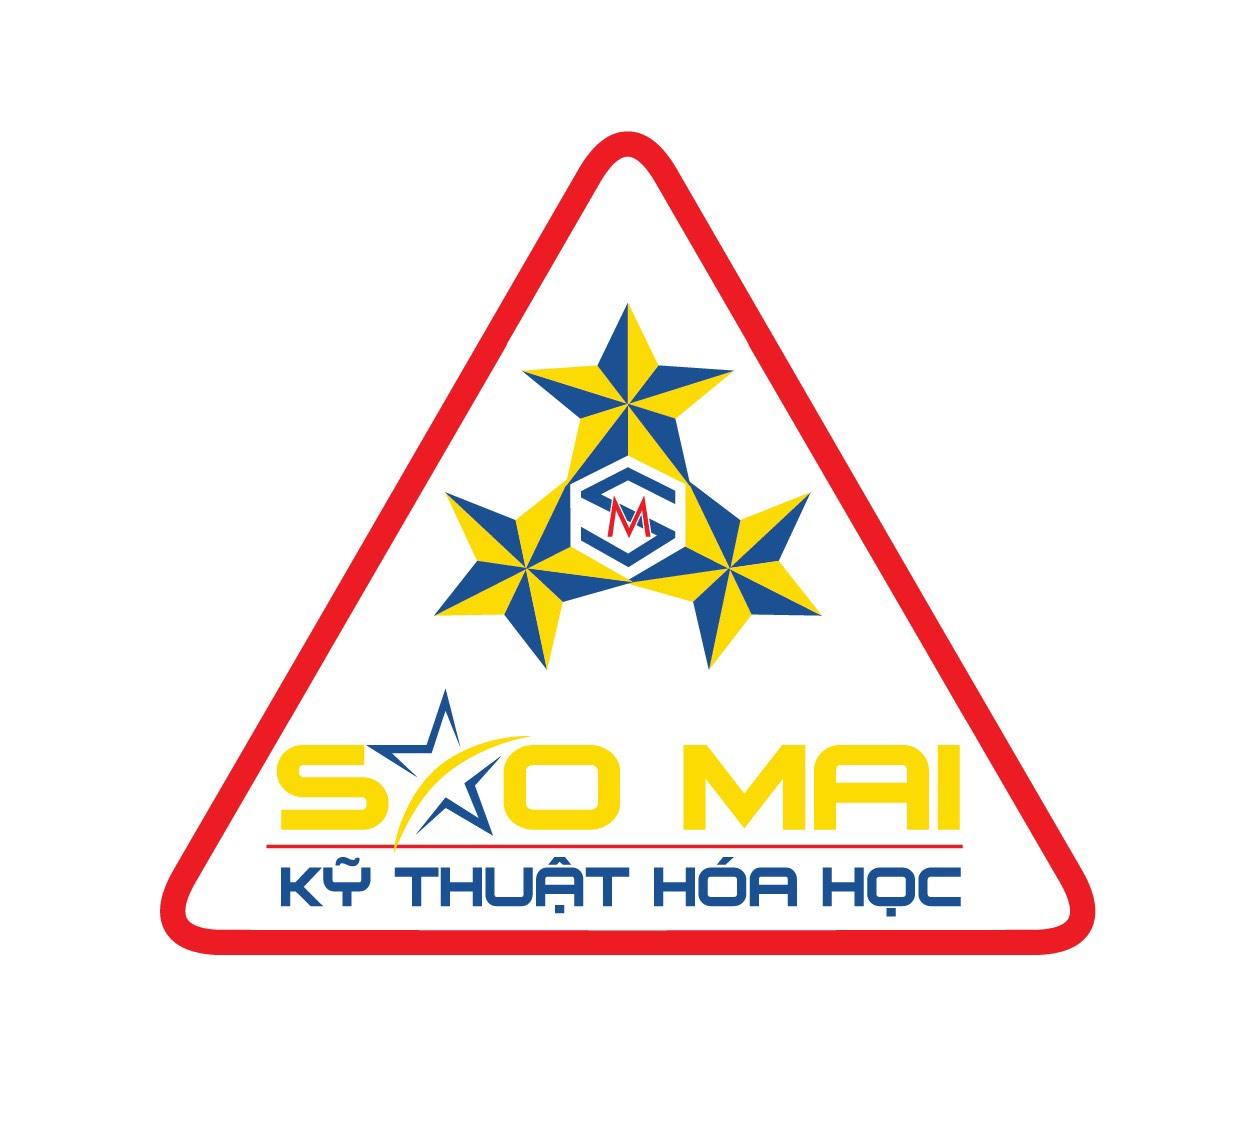 Công ty TNHH kỹ thuật hóa học Sao Mai